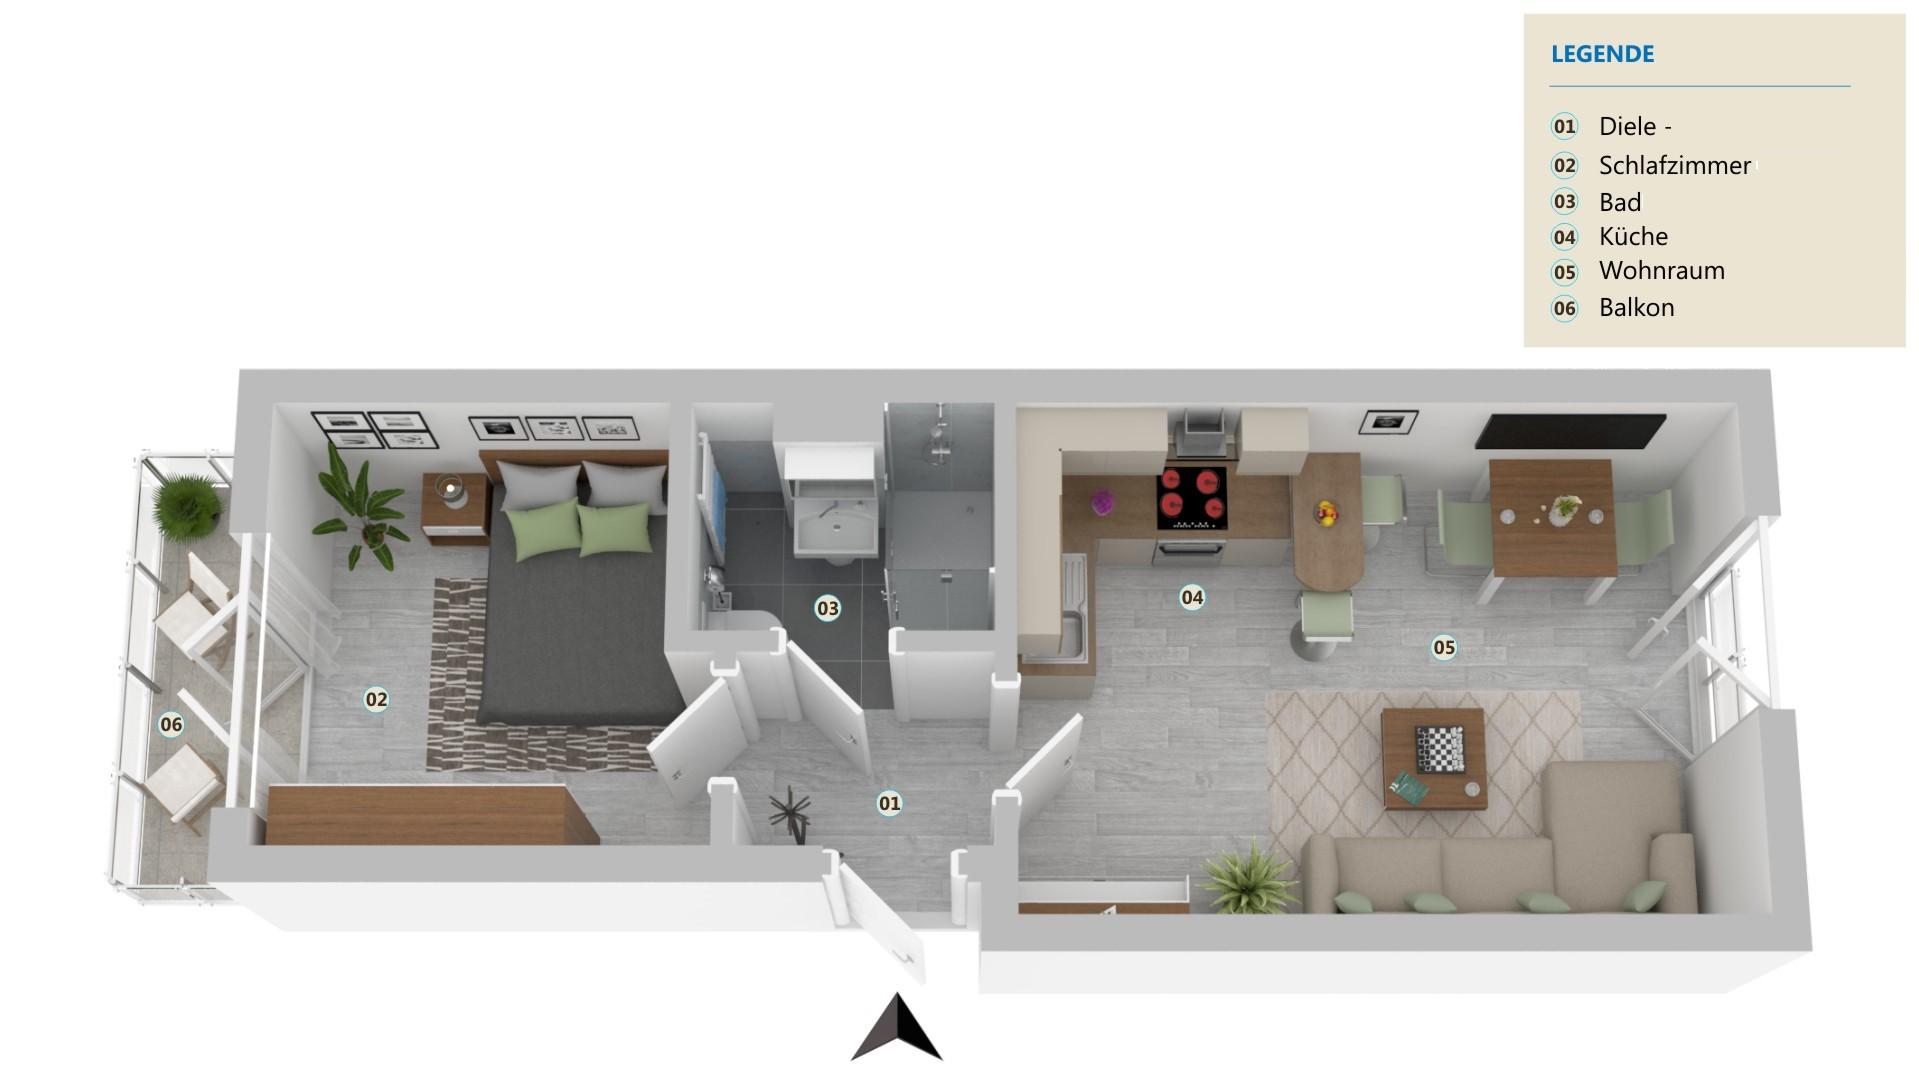 Wunderschöne, kernsanierte und komplett möblierte Altbauwohnung mit offener Küche